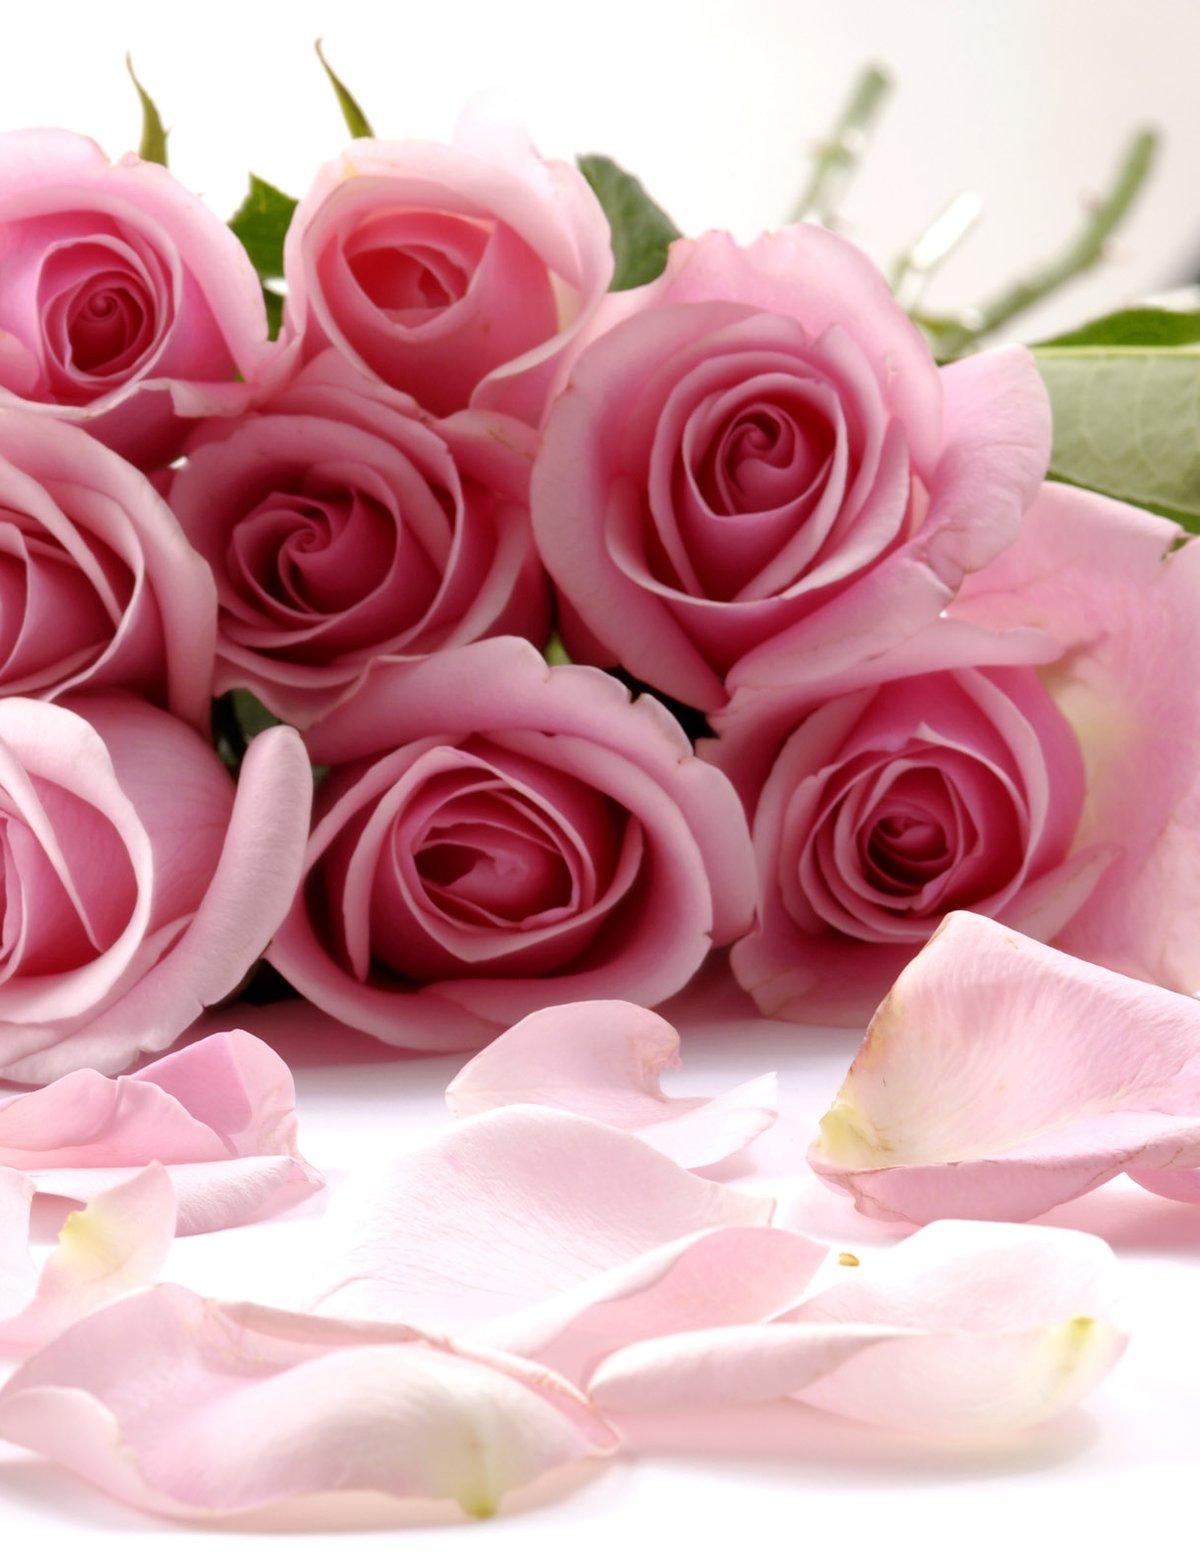 Картинки на телефон-цветы